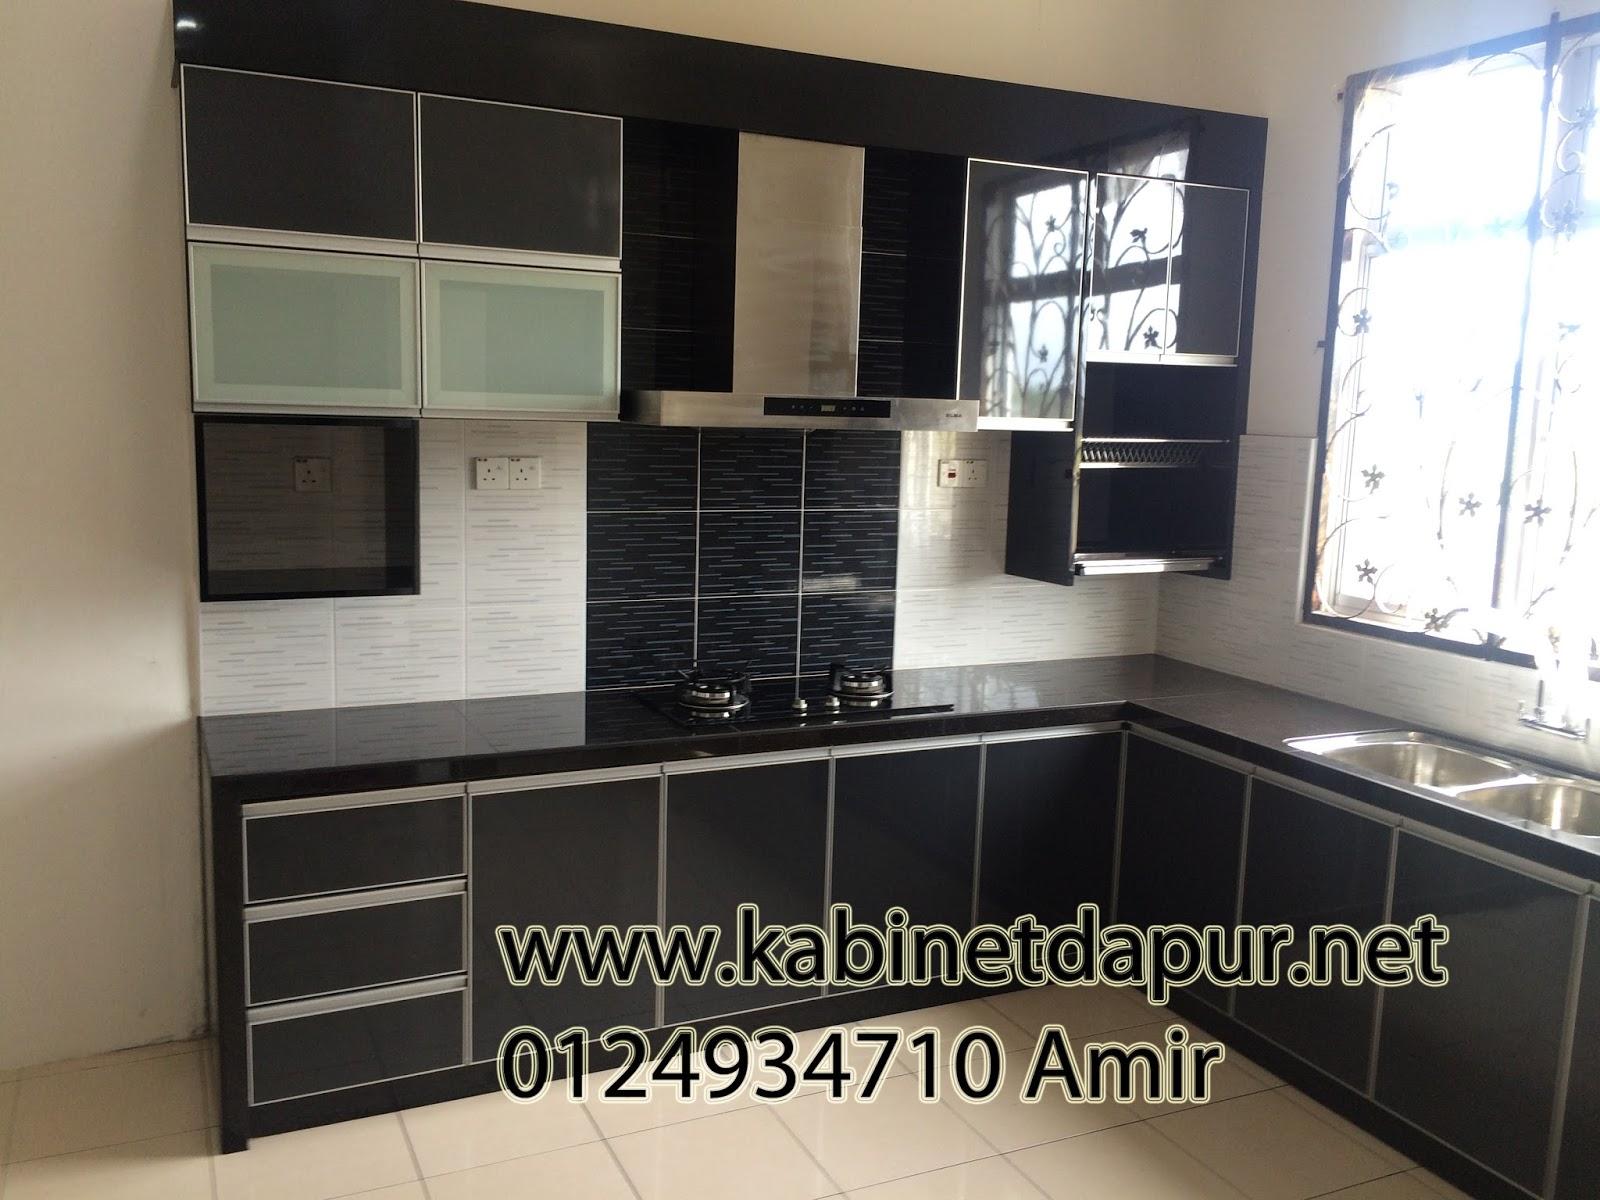 Projek Kabinet Dapur Di Taman Alor Janggus Hubungi 0124934710 En Amir Pengurus Besar Setar